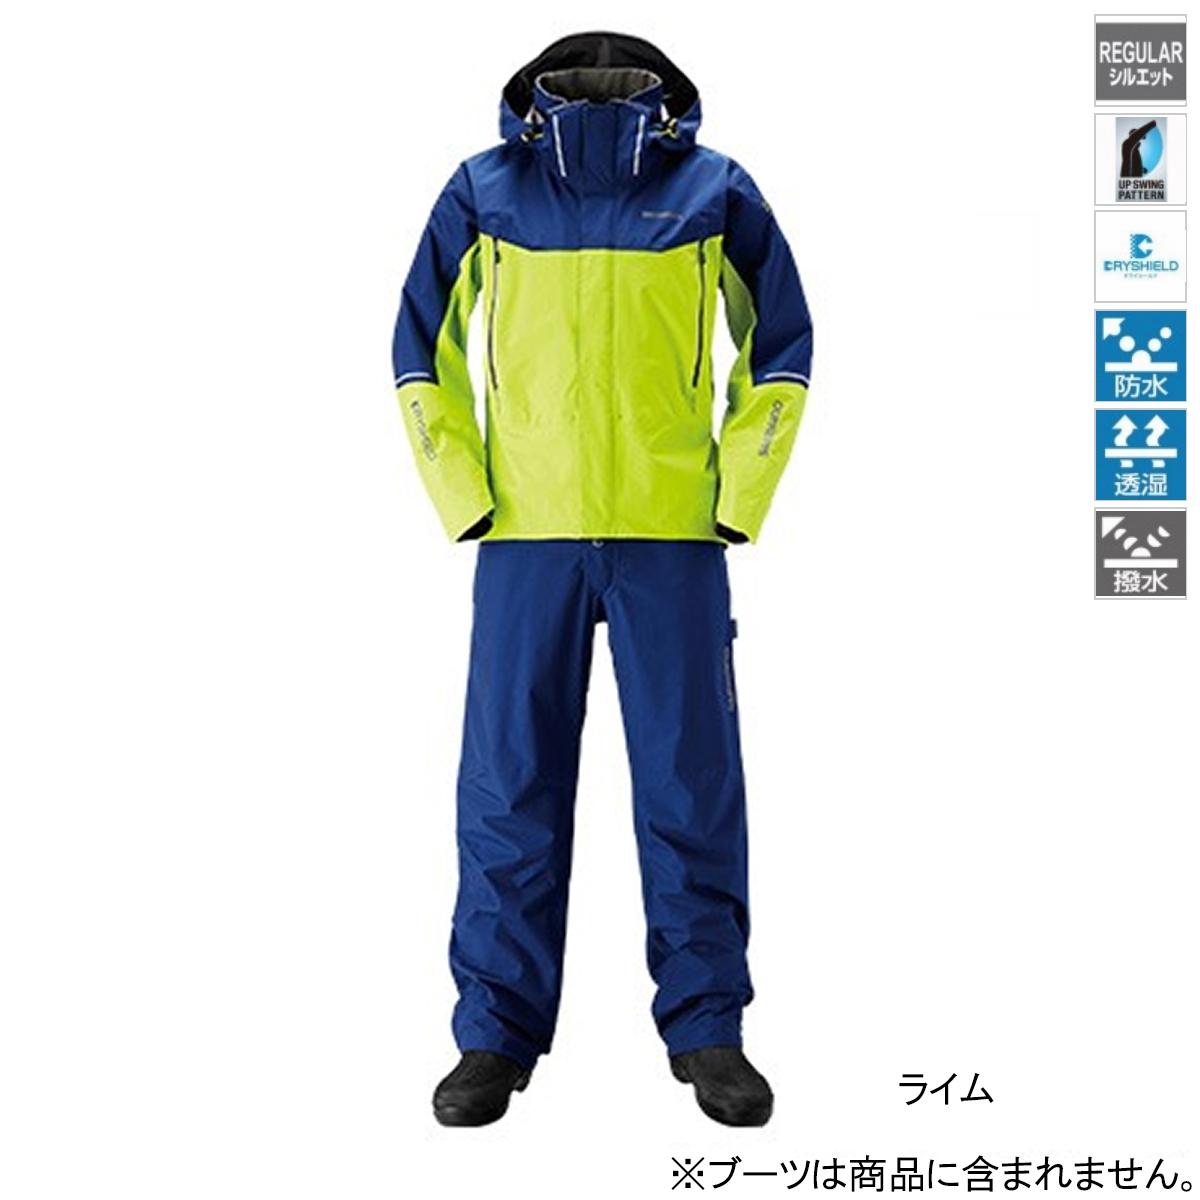 シマノ DSアドバンススーツ RA-025S XL ライム(東日本店)